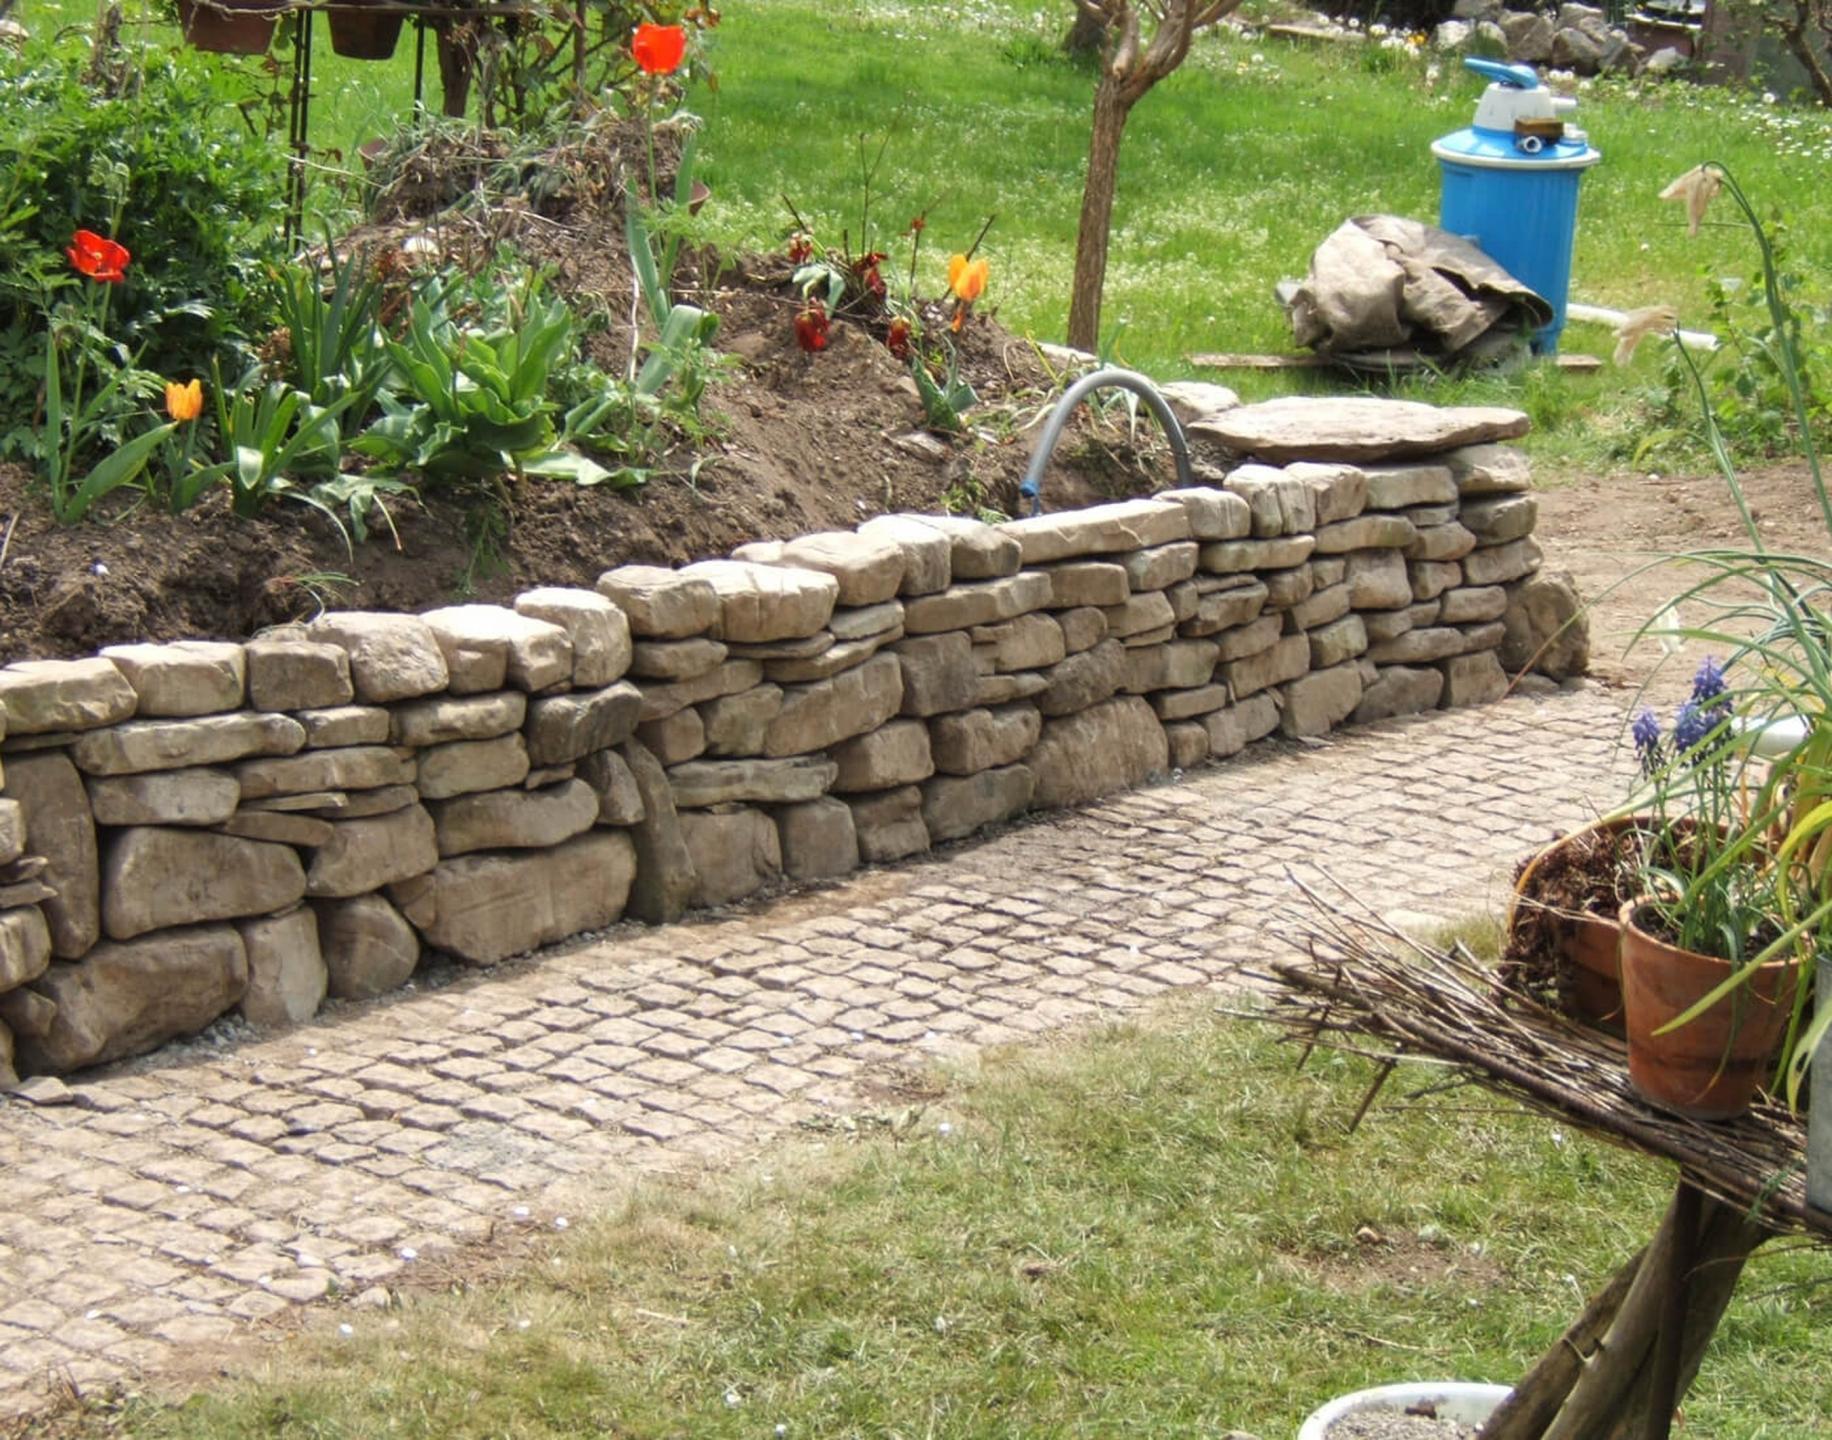 garten mit steinmauer,vorarlberg - matthias heel - heel gartenbau